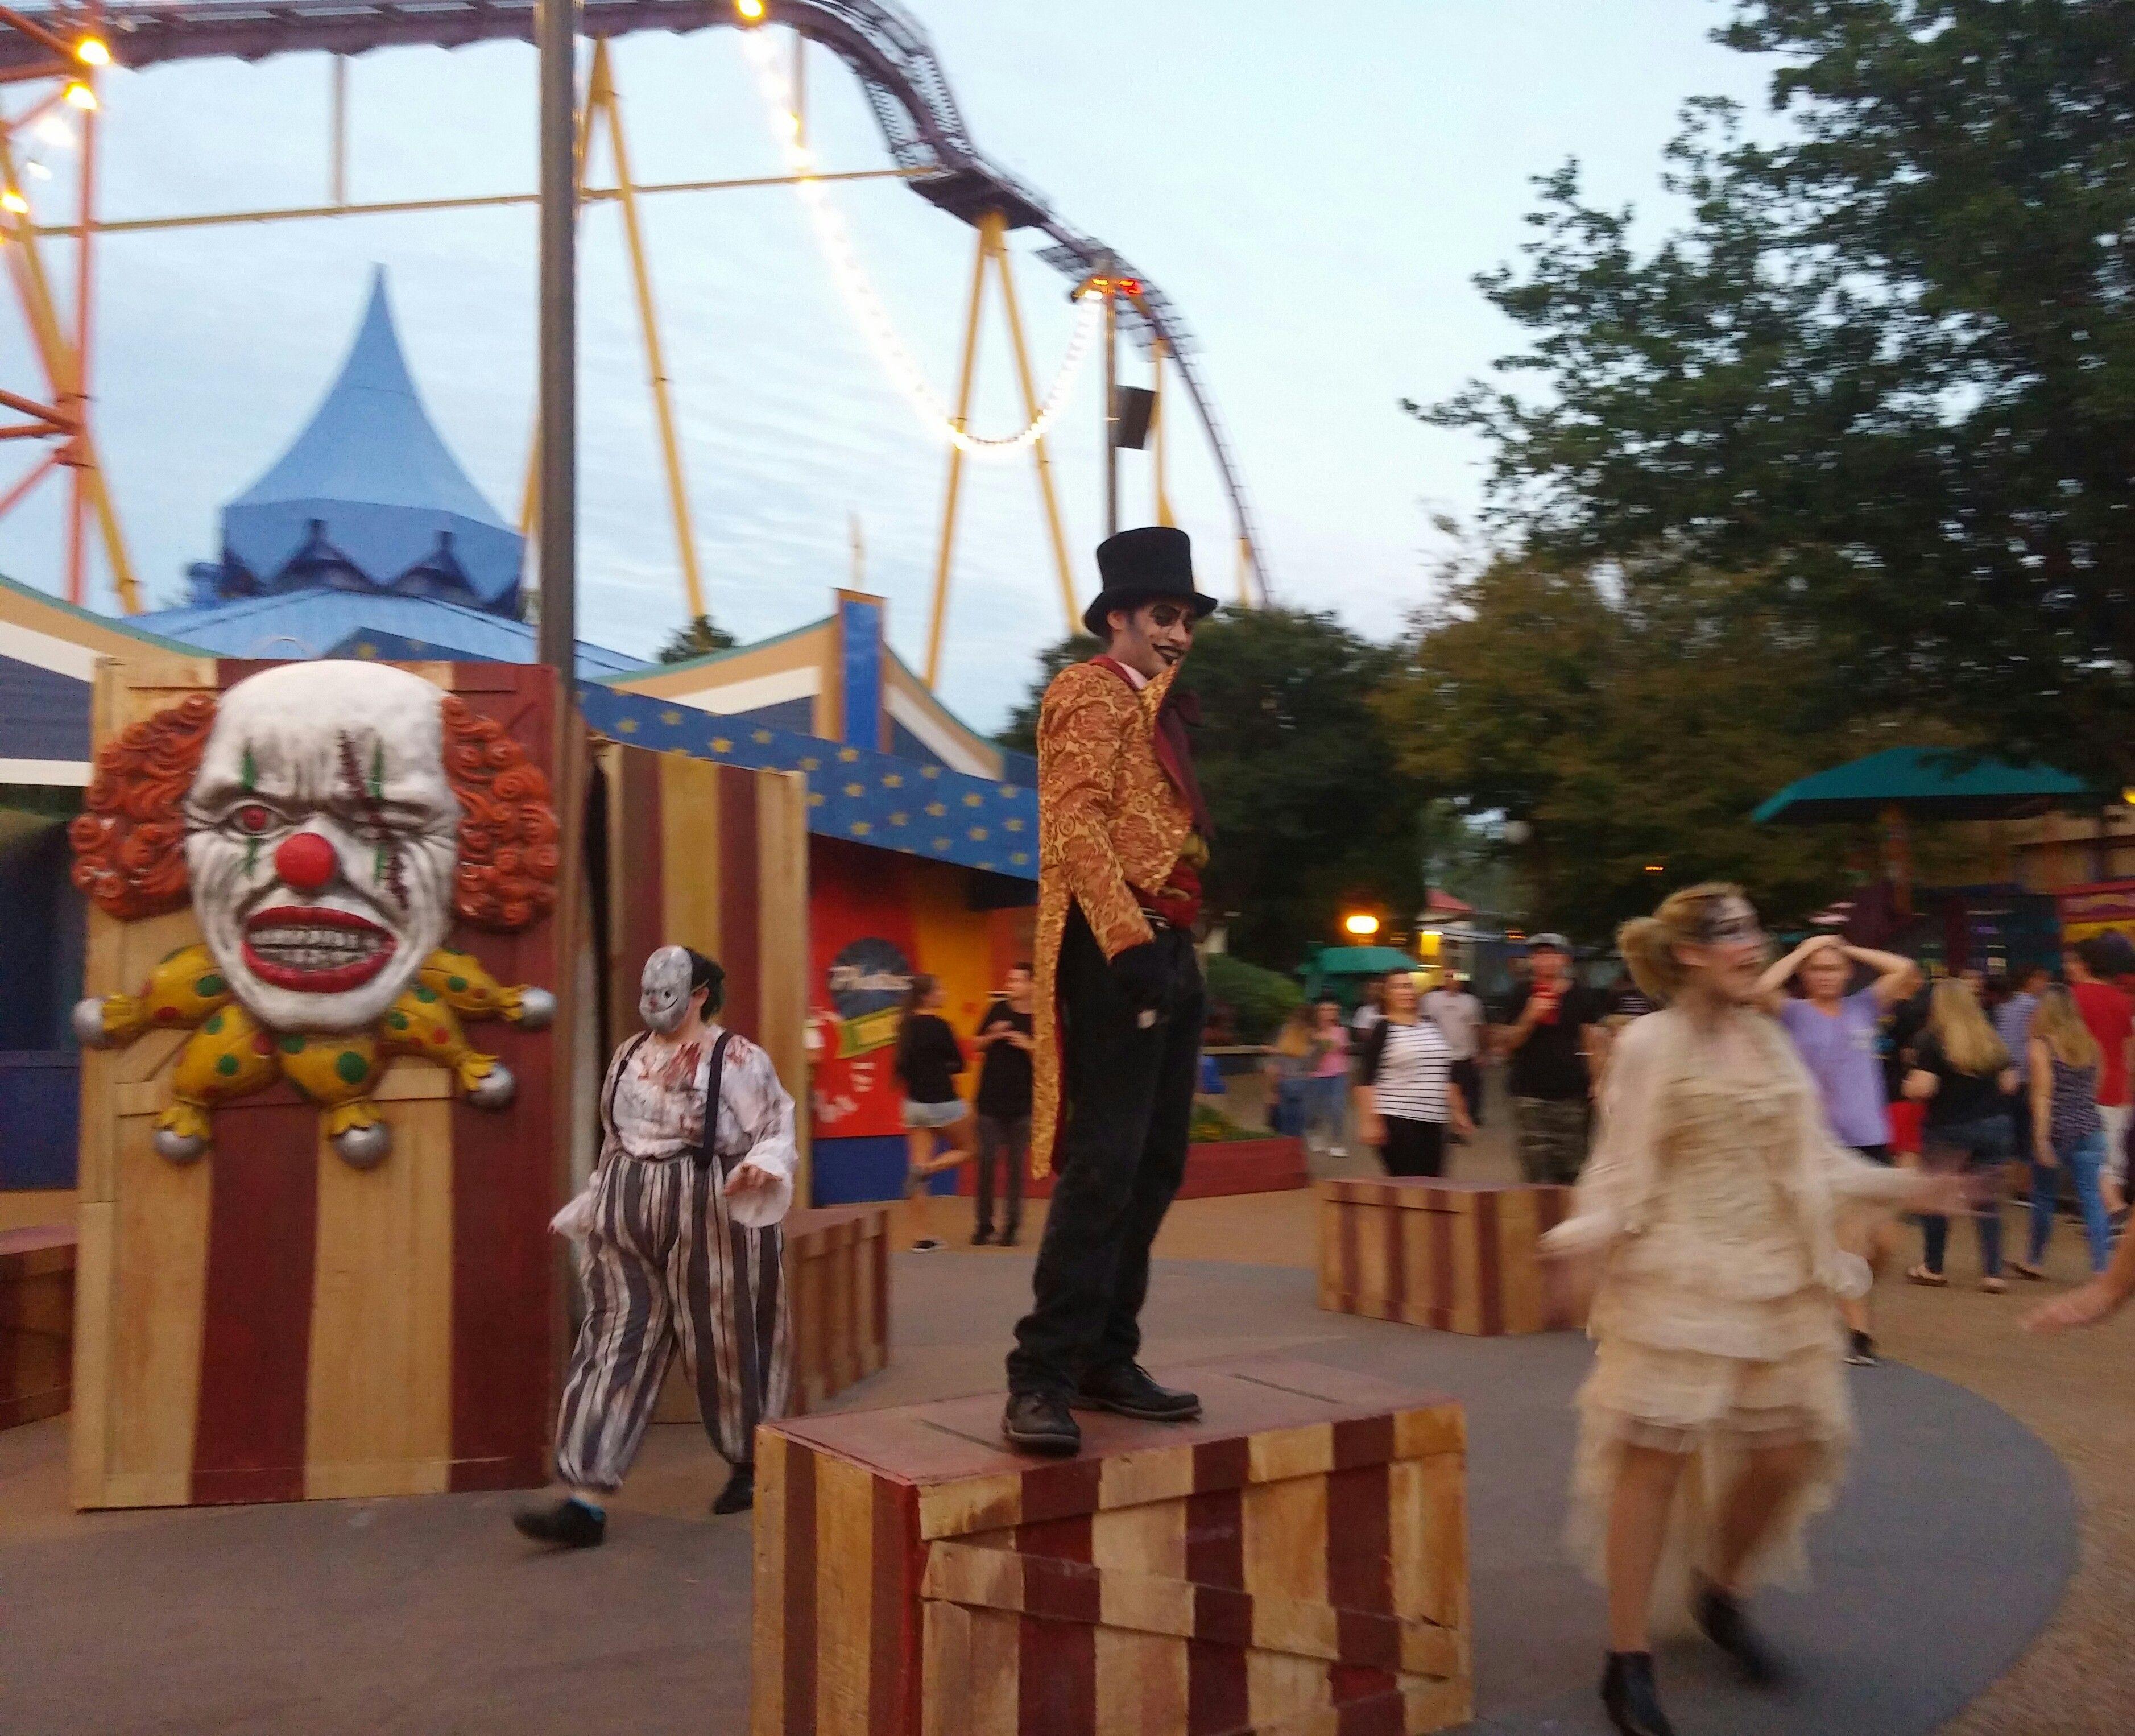 dbc10ecd47e174356dd89b35c390caa5 - Howl O Scream Busch Gardens Reviews